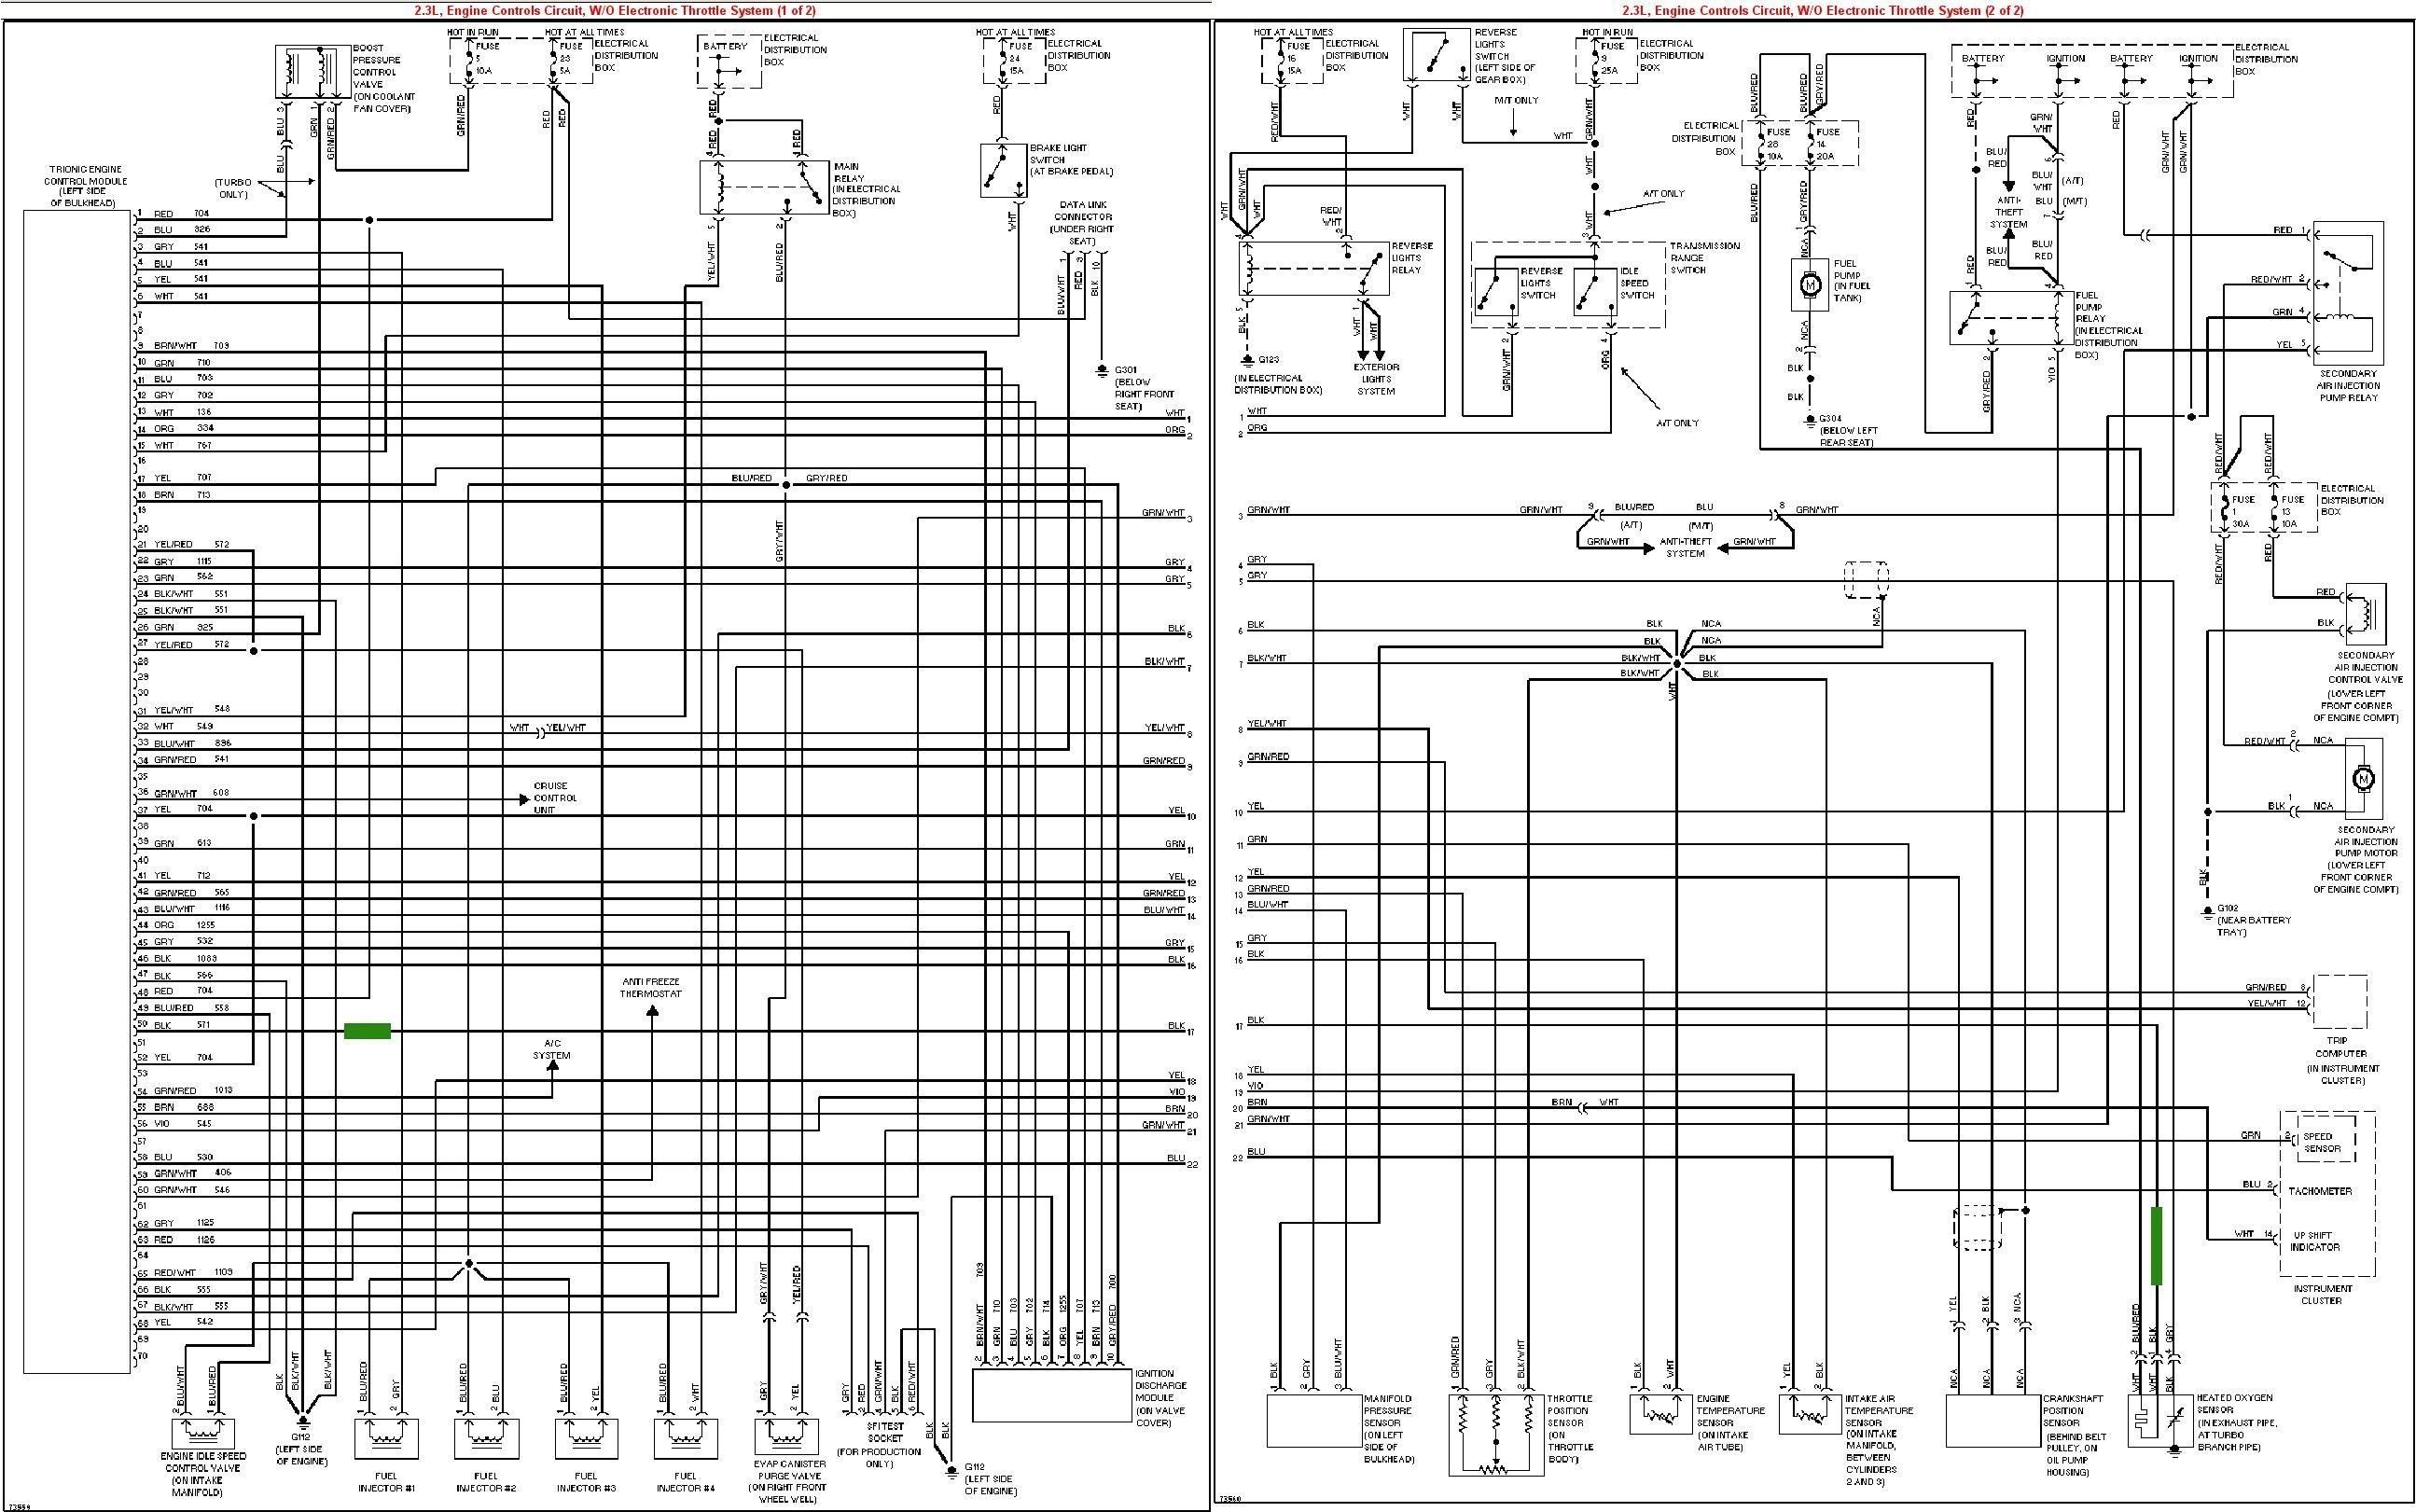 Saab 9 5 Engine Diagram 2 Saab 2 0 Engine Diagram Layout Wiring Diagrams • Of Saab 9 5 Engine Diagram 2